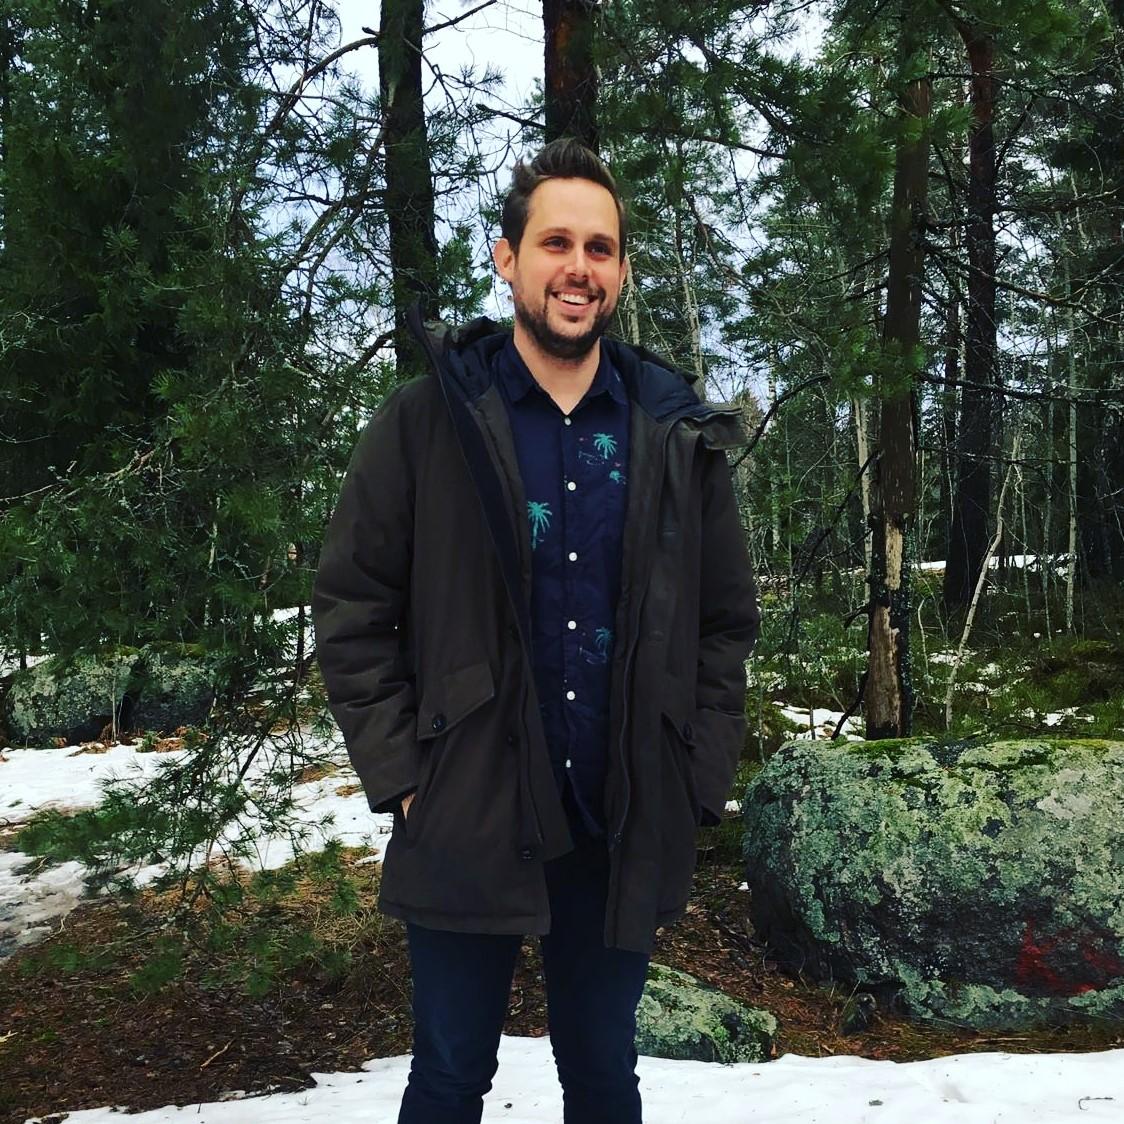 Andrew Watson   Mein Name ist Andrew Watson. Ich komme ursprünglich aus Australien und lebe seit 2014 in Finnland. Ich bin seit fast vier Jahren beim ICEC tätig und arbeite mit Fünfjährigen mit zweisprachigem Hintergrund. Meine Leidenschaft ist es, Kinder durch szenisches Spielen und Geschichtenerzählen zu unterrichten, und sehe dies als den Schlüssel an, um eine Brücke über sprachliche und kulturelle Barrieren zu schlagen.  Ich bin danach bestrebt, in mein Klassenzimmer eine Atmosphäre zu schaffen, in der Kinder sich selbstbewusst und sicher fühlen, und wo sie die Gelegenheit haben, sich auf eine Vielzahl von kreativen Wegen zu artikulieren. In meiner Freizeit mag ich Lesen, Tennisspielen, Reisen und Schwimmen.